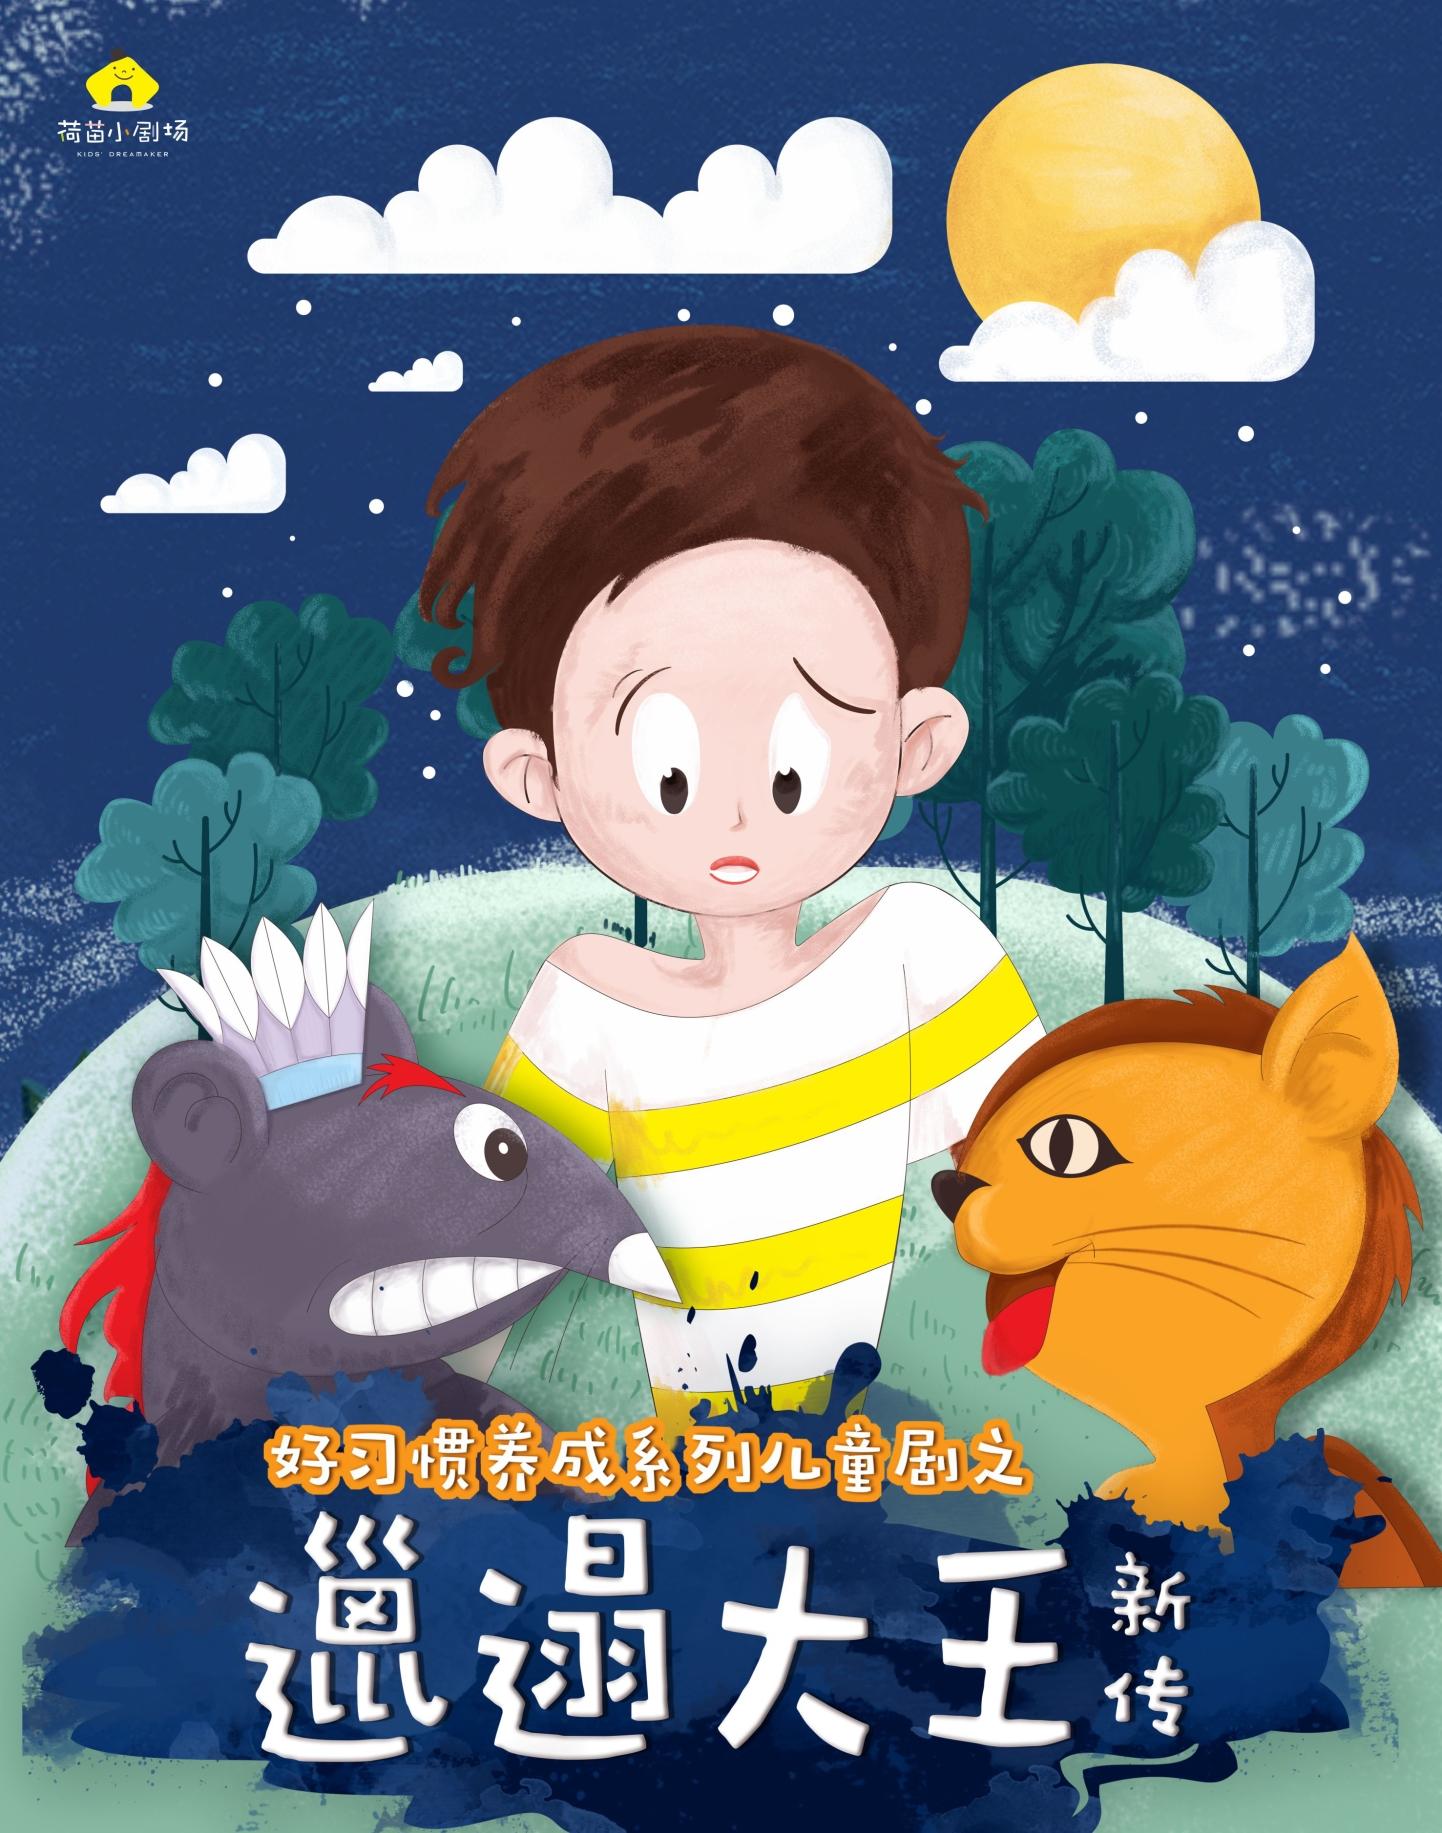 儿童剧《邋遢大王新传》成都站